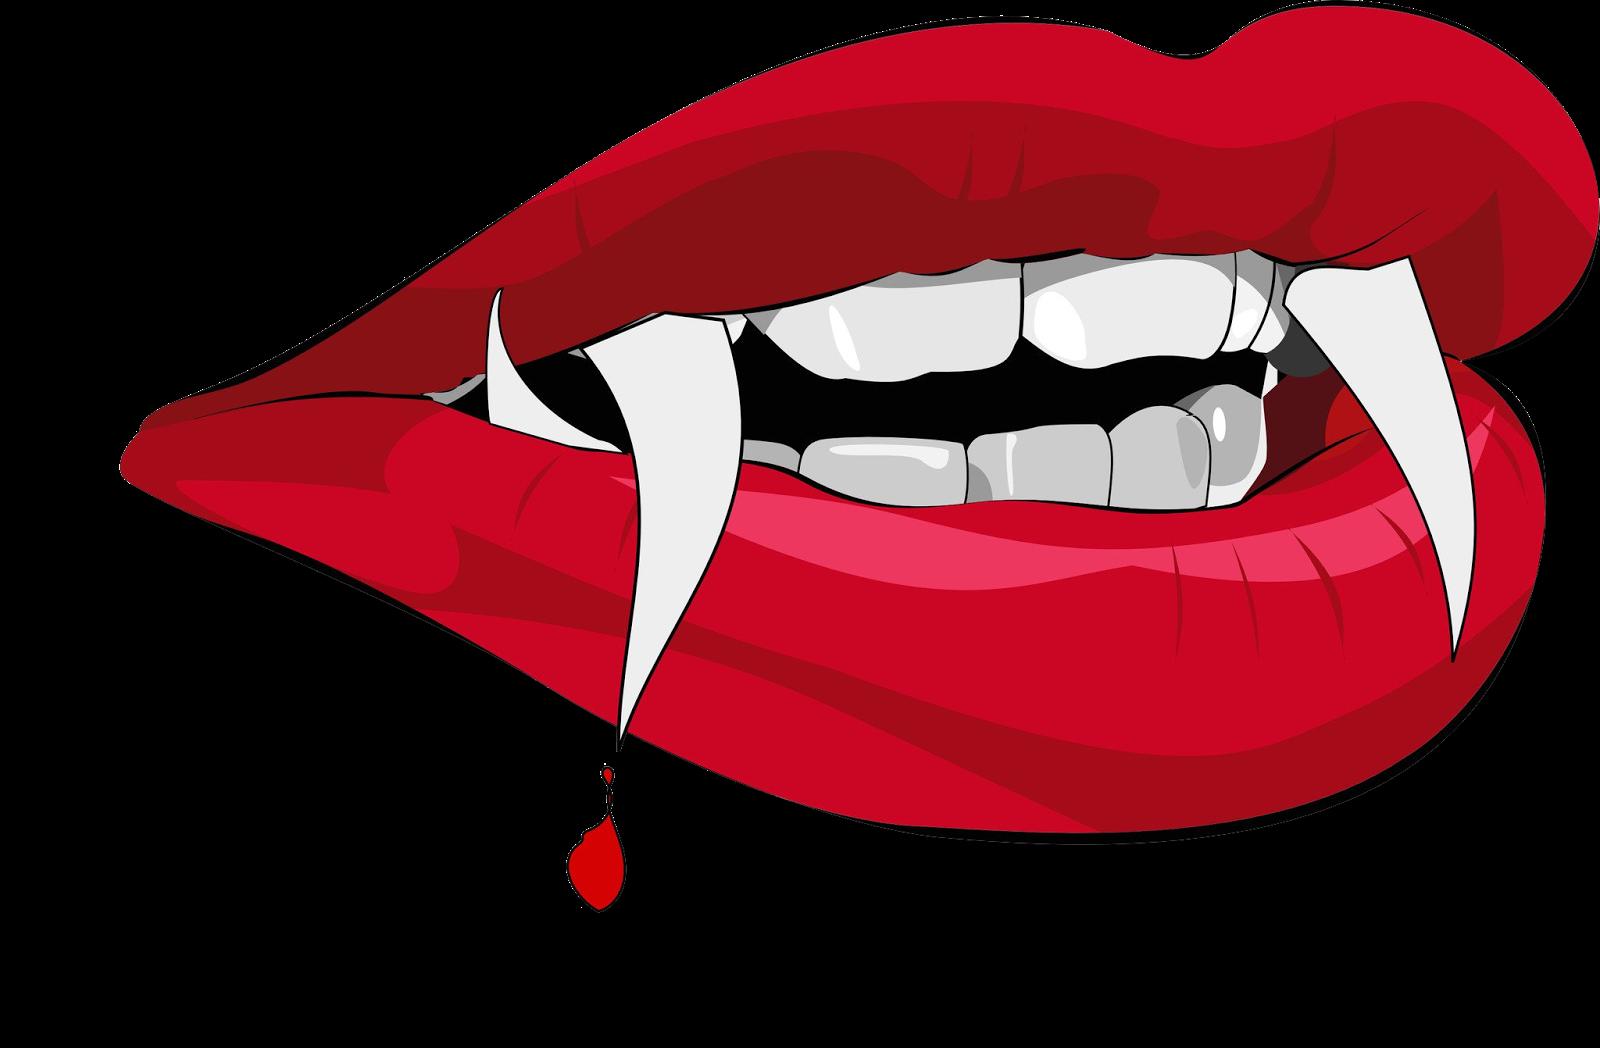 Vampire clipart lip. Count dracula clip art